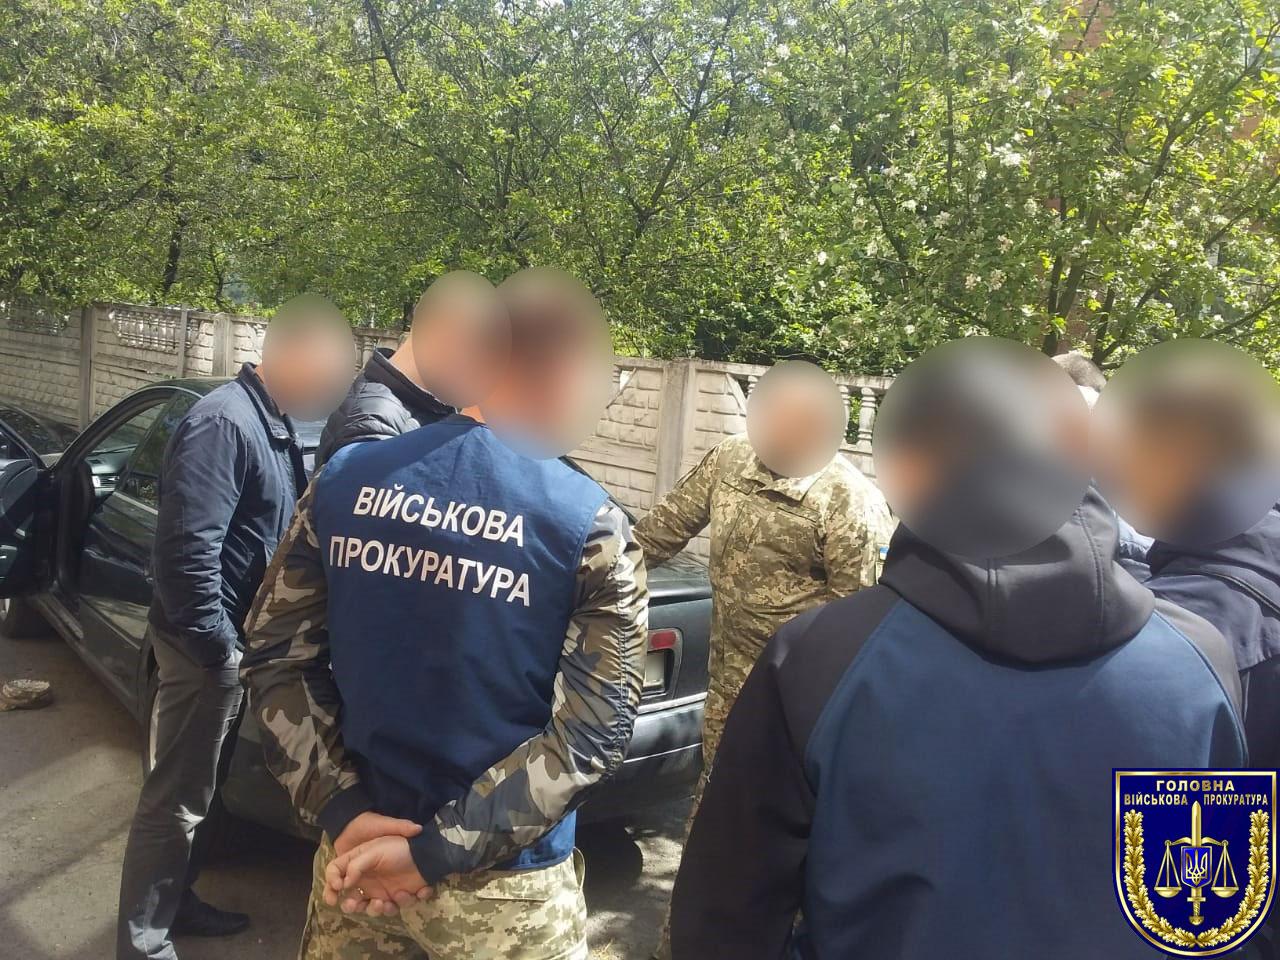 На 11 тис грн хабара викрито медика та військовослужбовця Рівненщини (ФОТО)